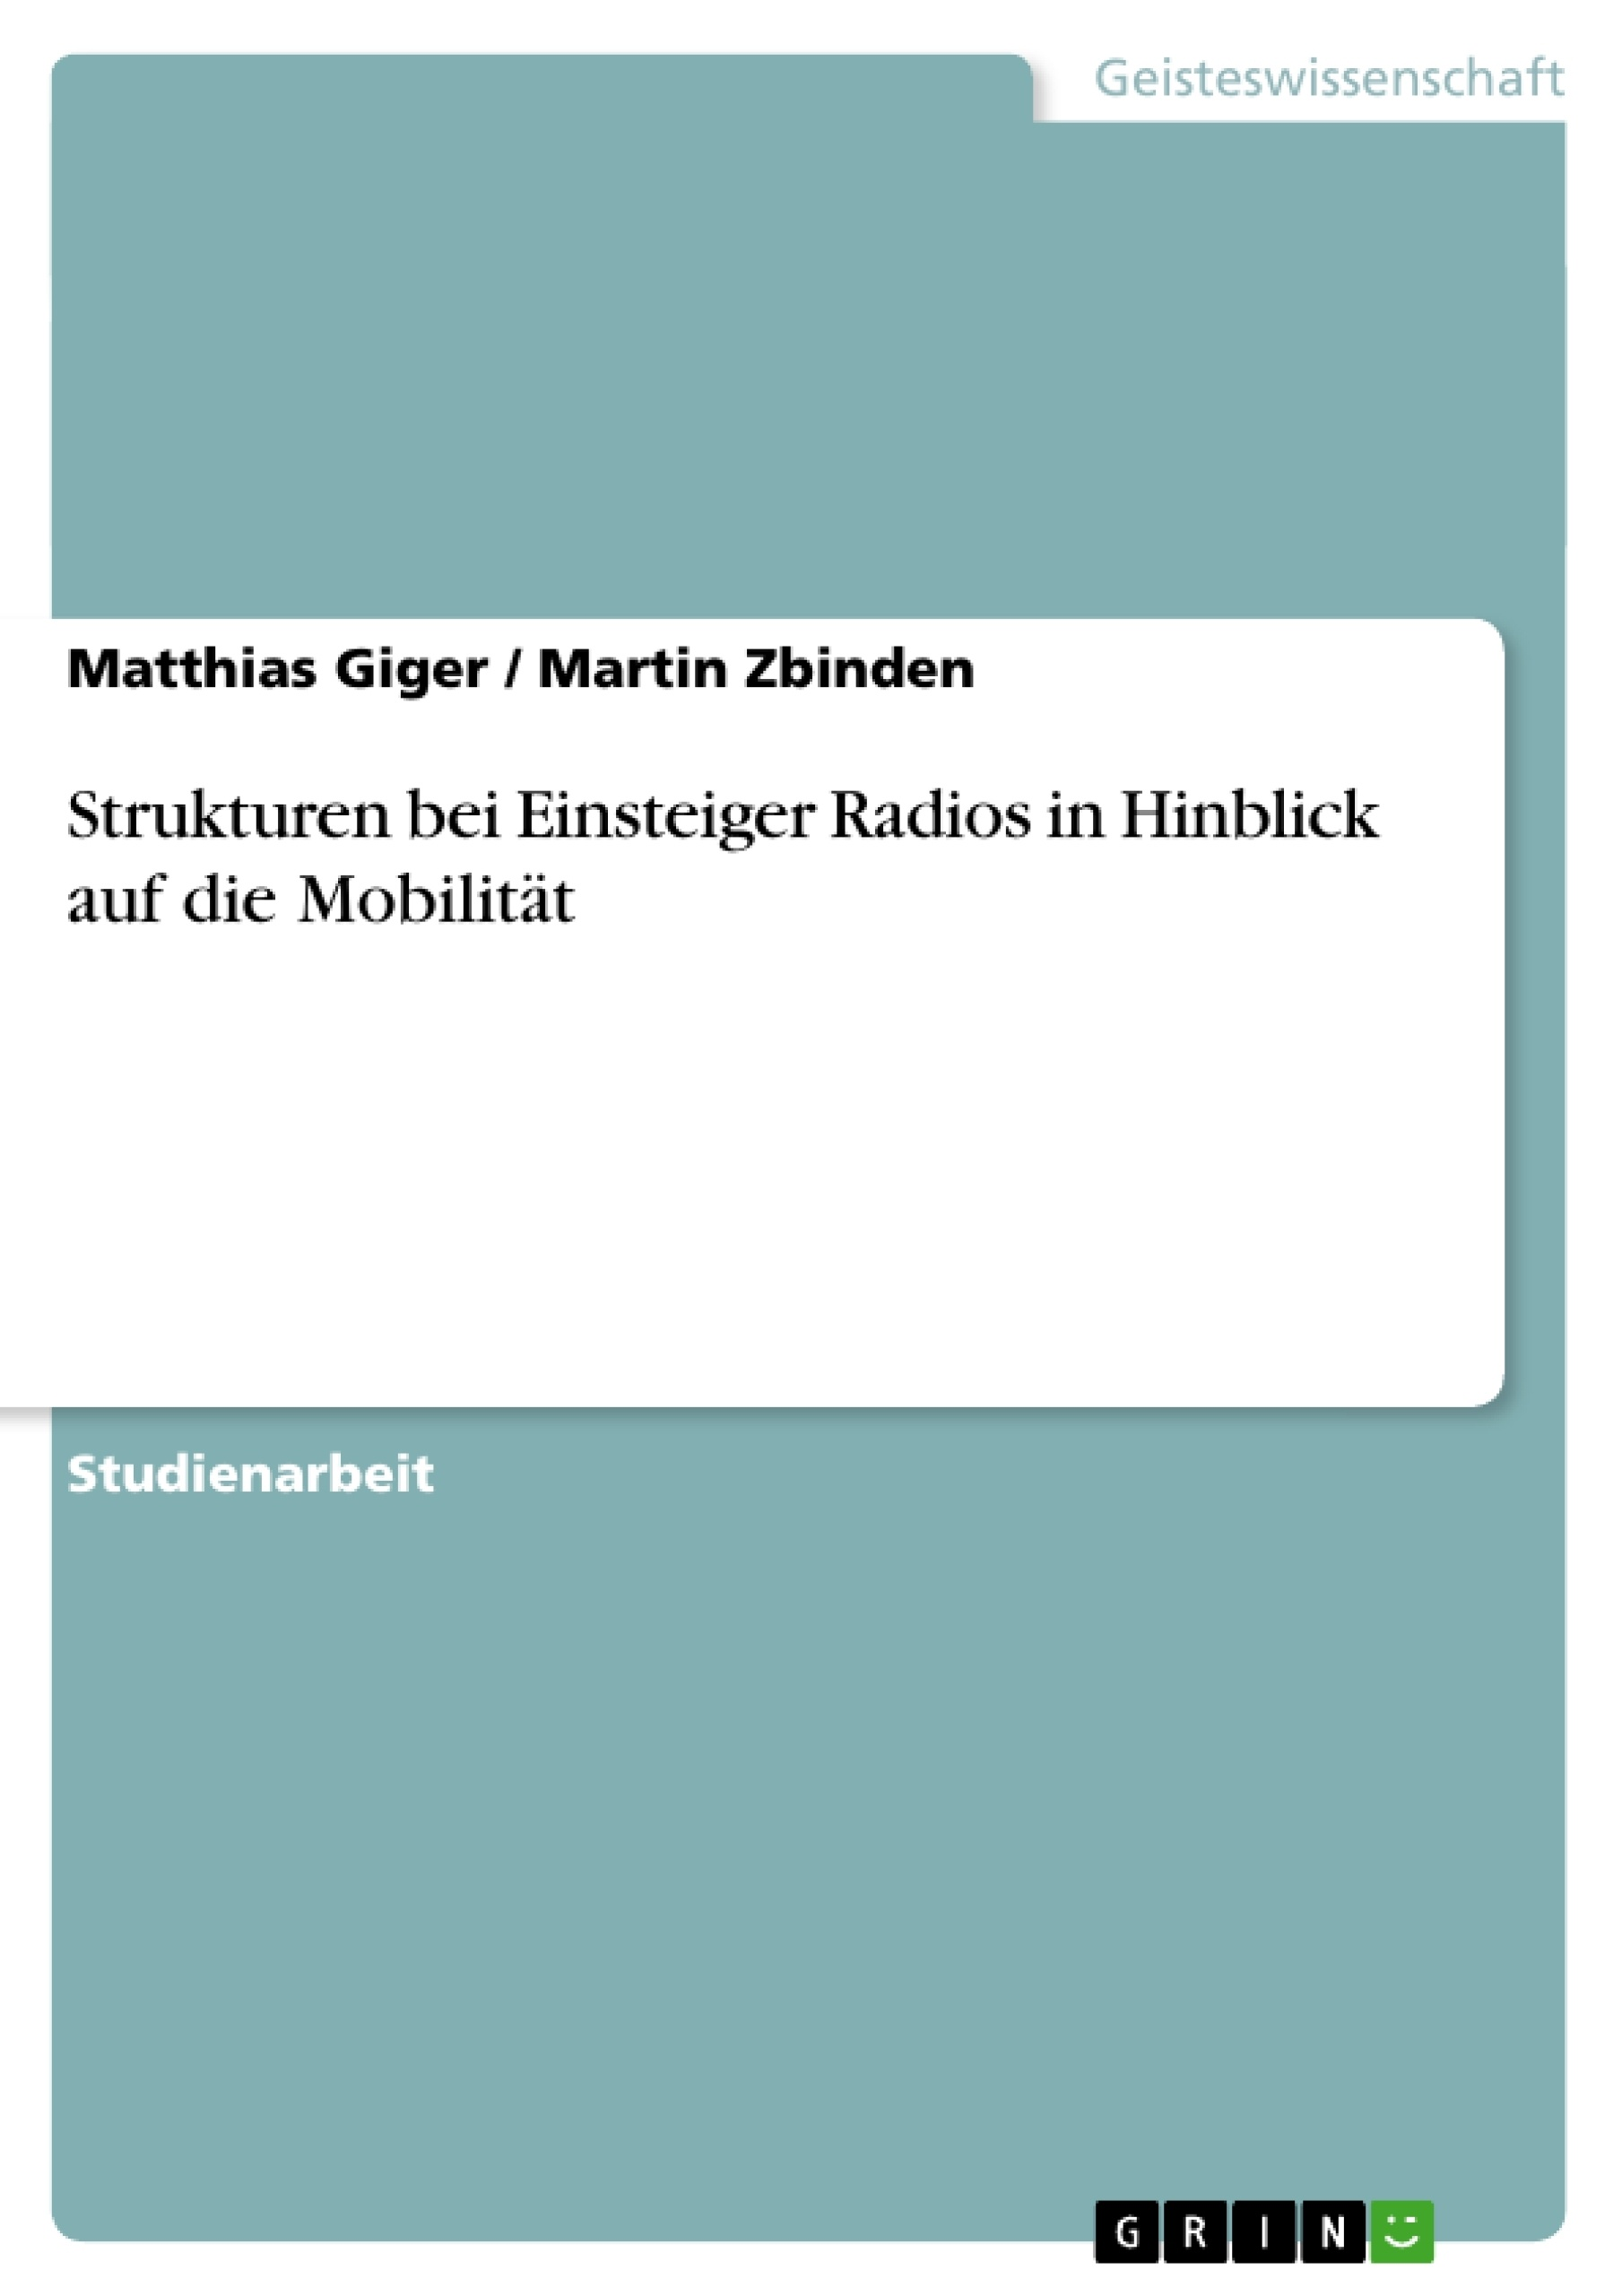 Titel: Strukturen bei Einsteiger Radios in Hinblick auf die Mobilität